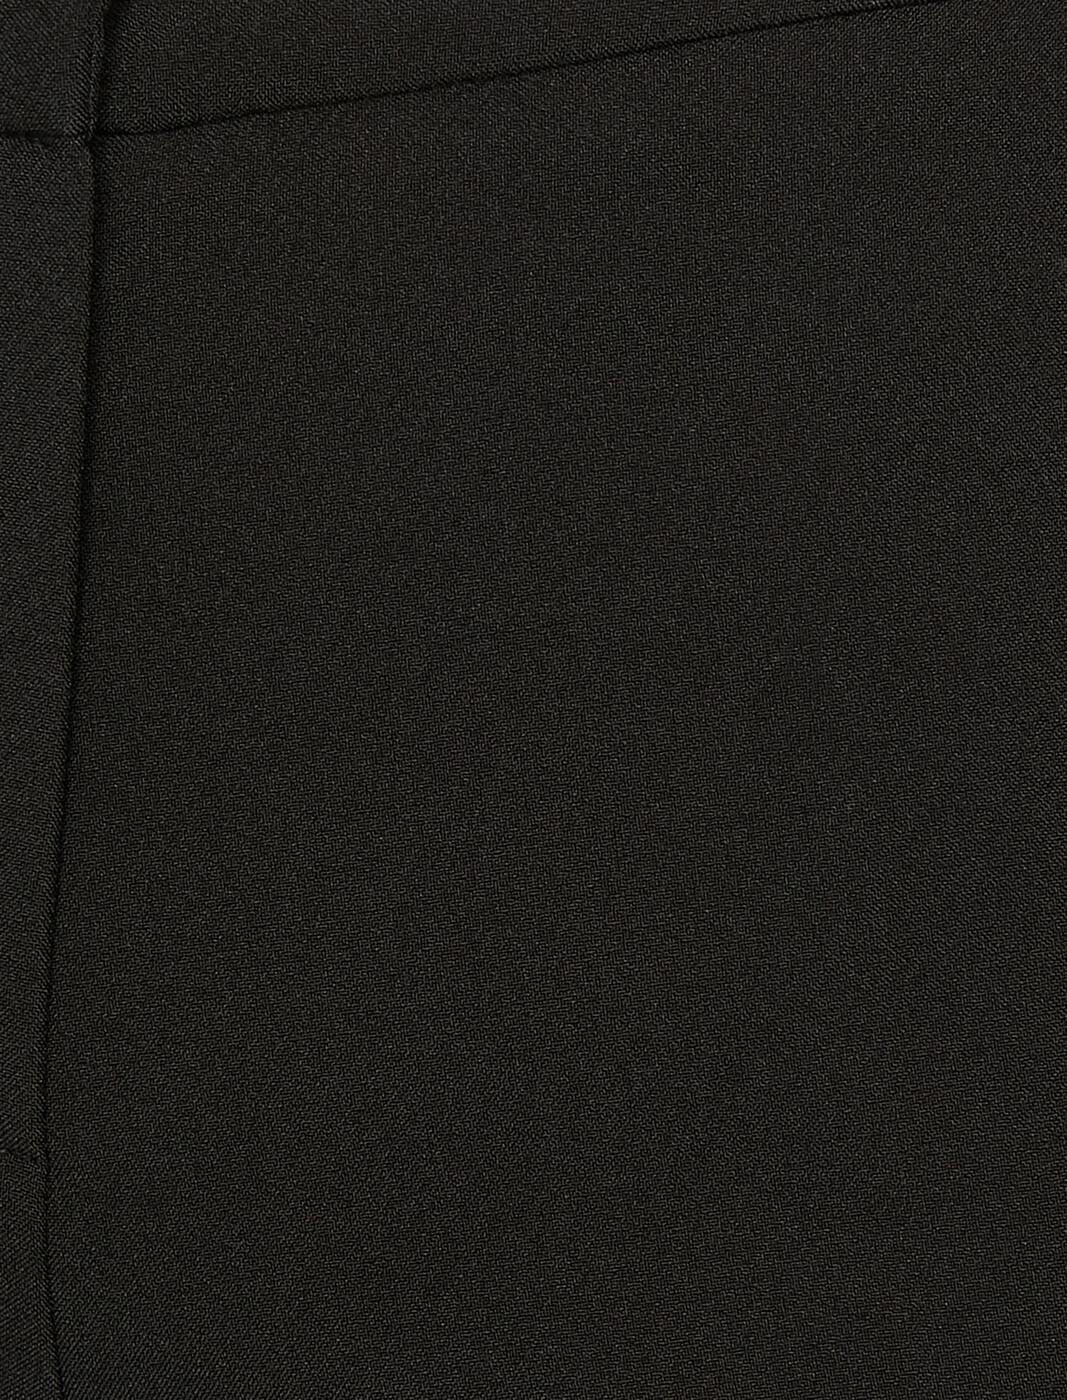 Мишень для стрельбы Gamo De Luxe, вращающаяся, 621122108